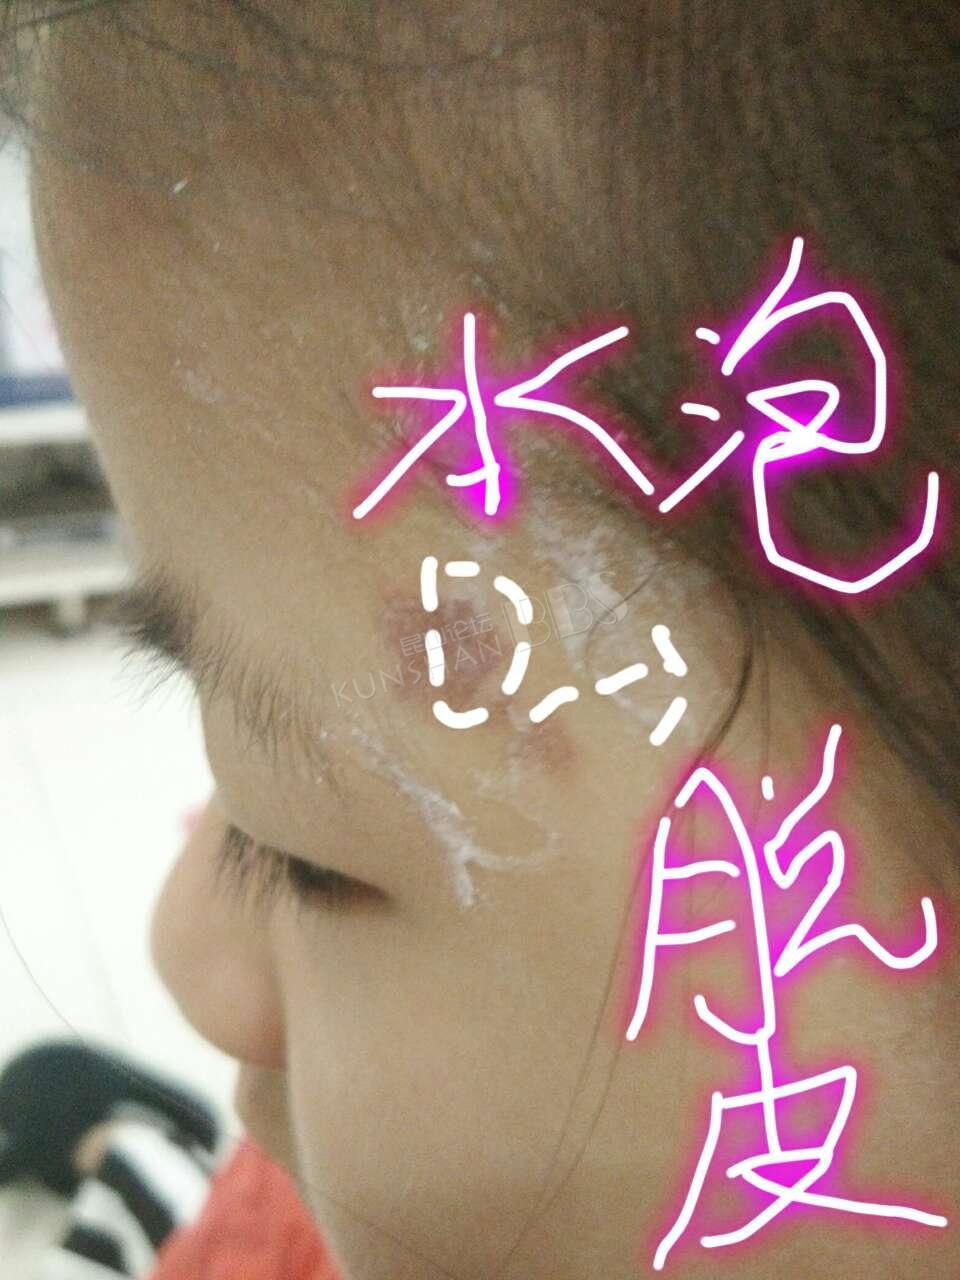 昆太路的柠萌私家儿童摄影 卷发棒把我女儿烫伤 要图片